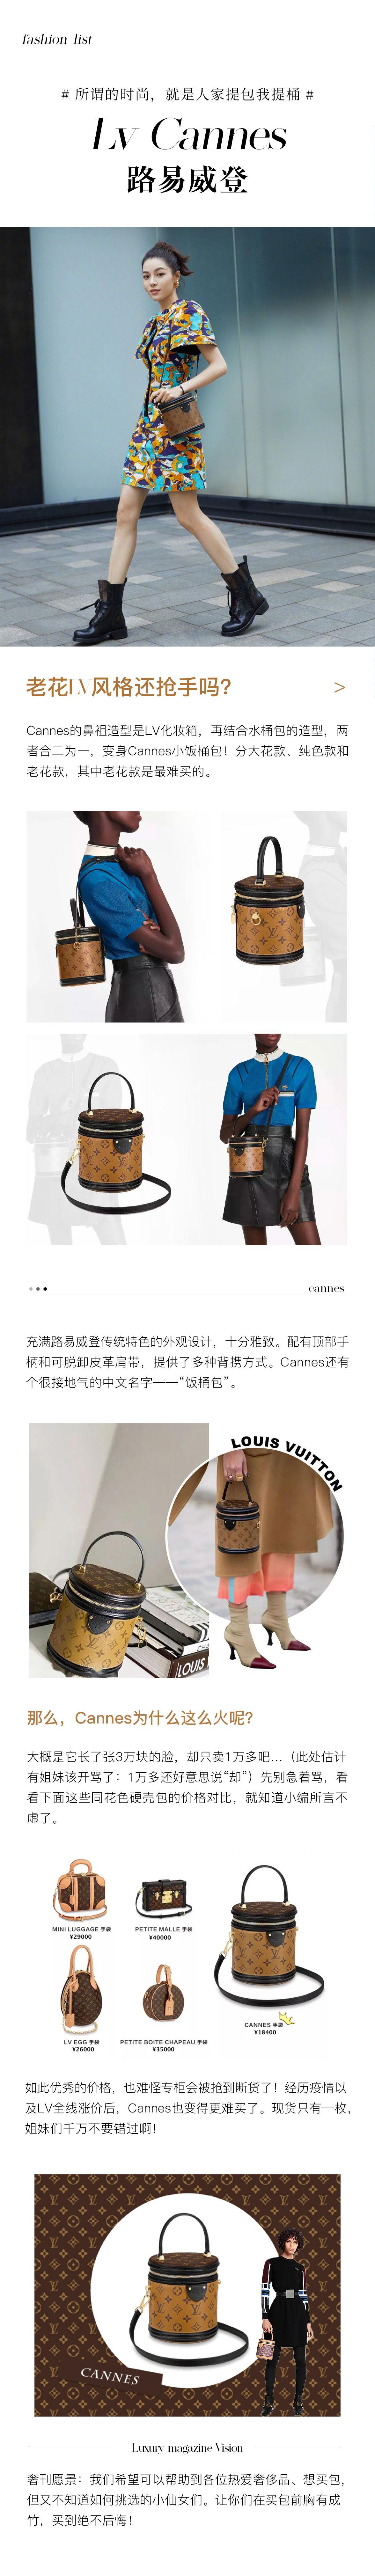 品牌详情图设计 飞特网 电商设计